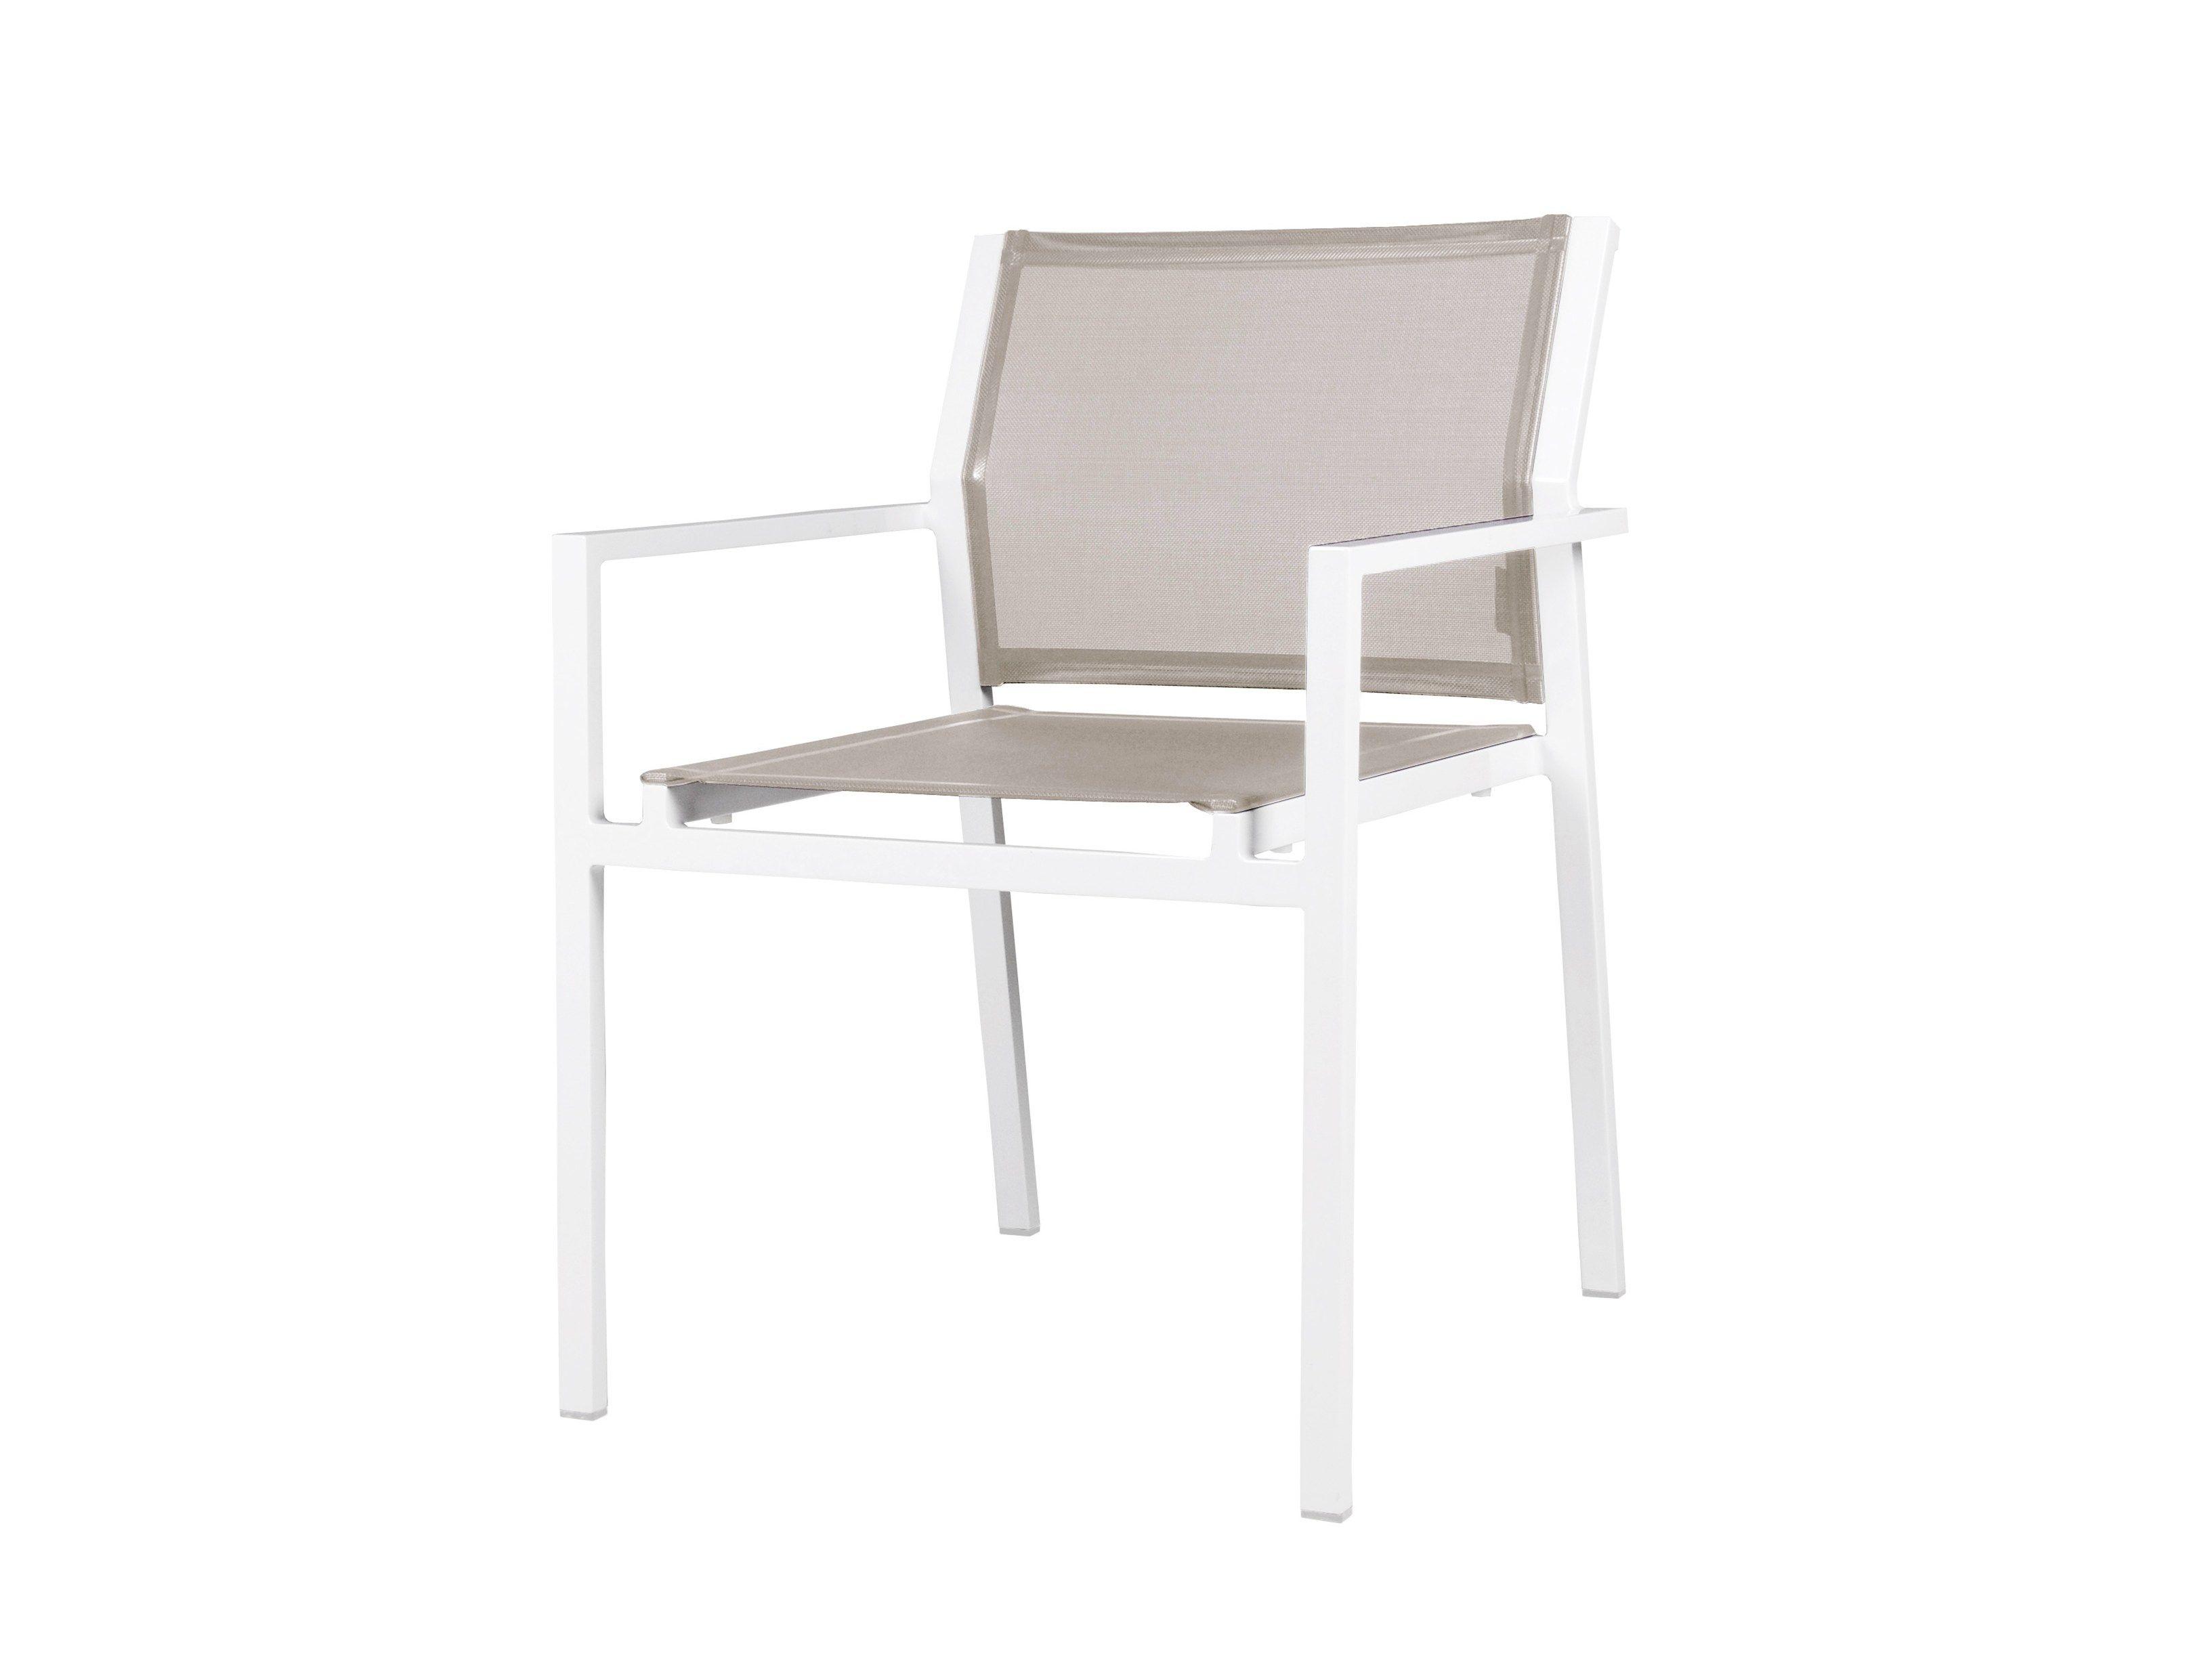 Allux sedia con braccioli by mamagreen design vincent - Colori esterni case moderne ...